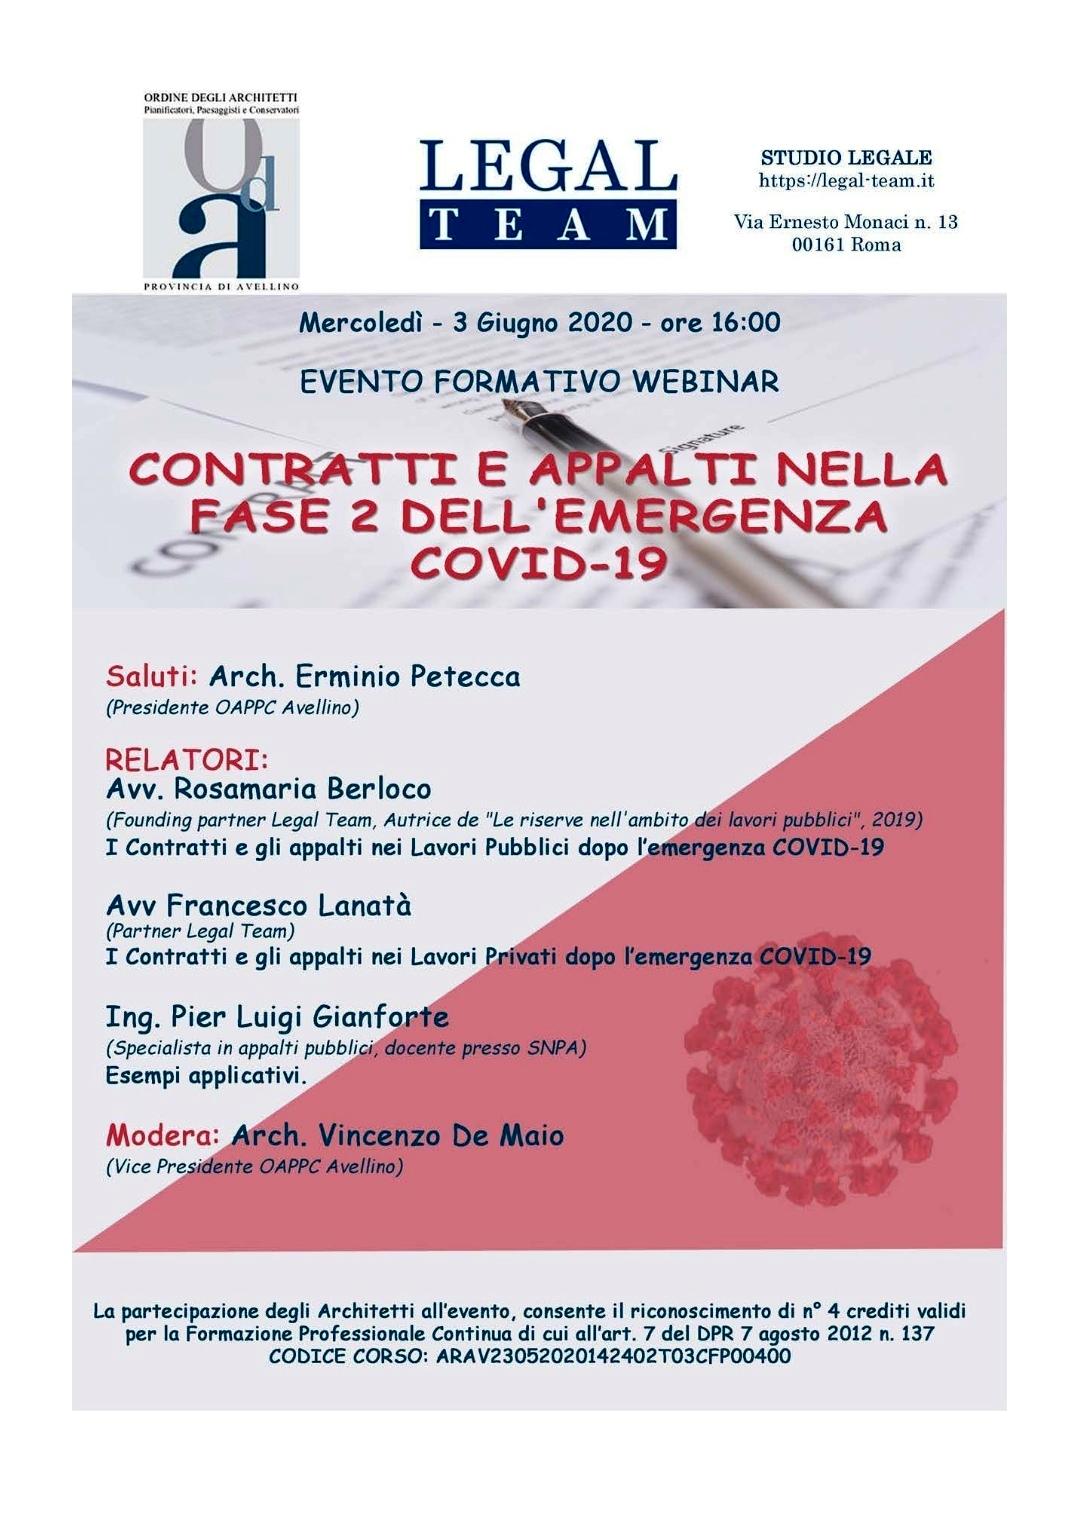 Ordine Architetti Brescia Lavoro contratti e appalti nella fase 2 dell'emergenza covid-19